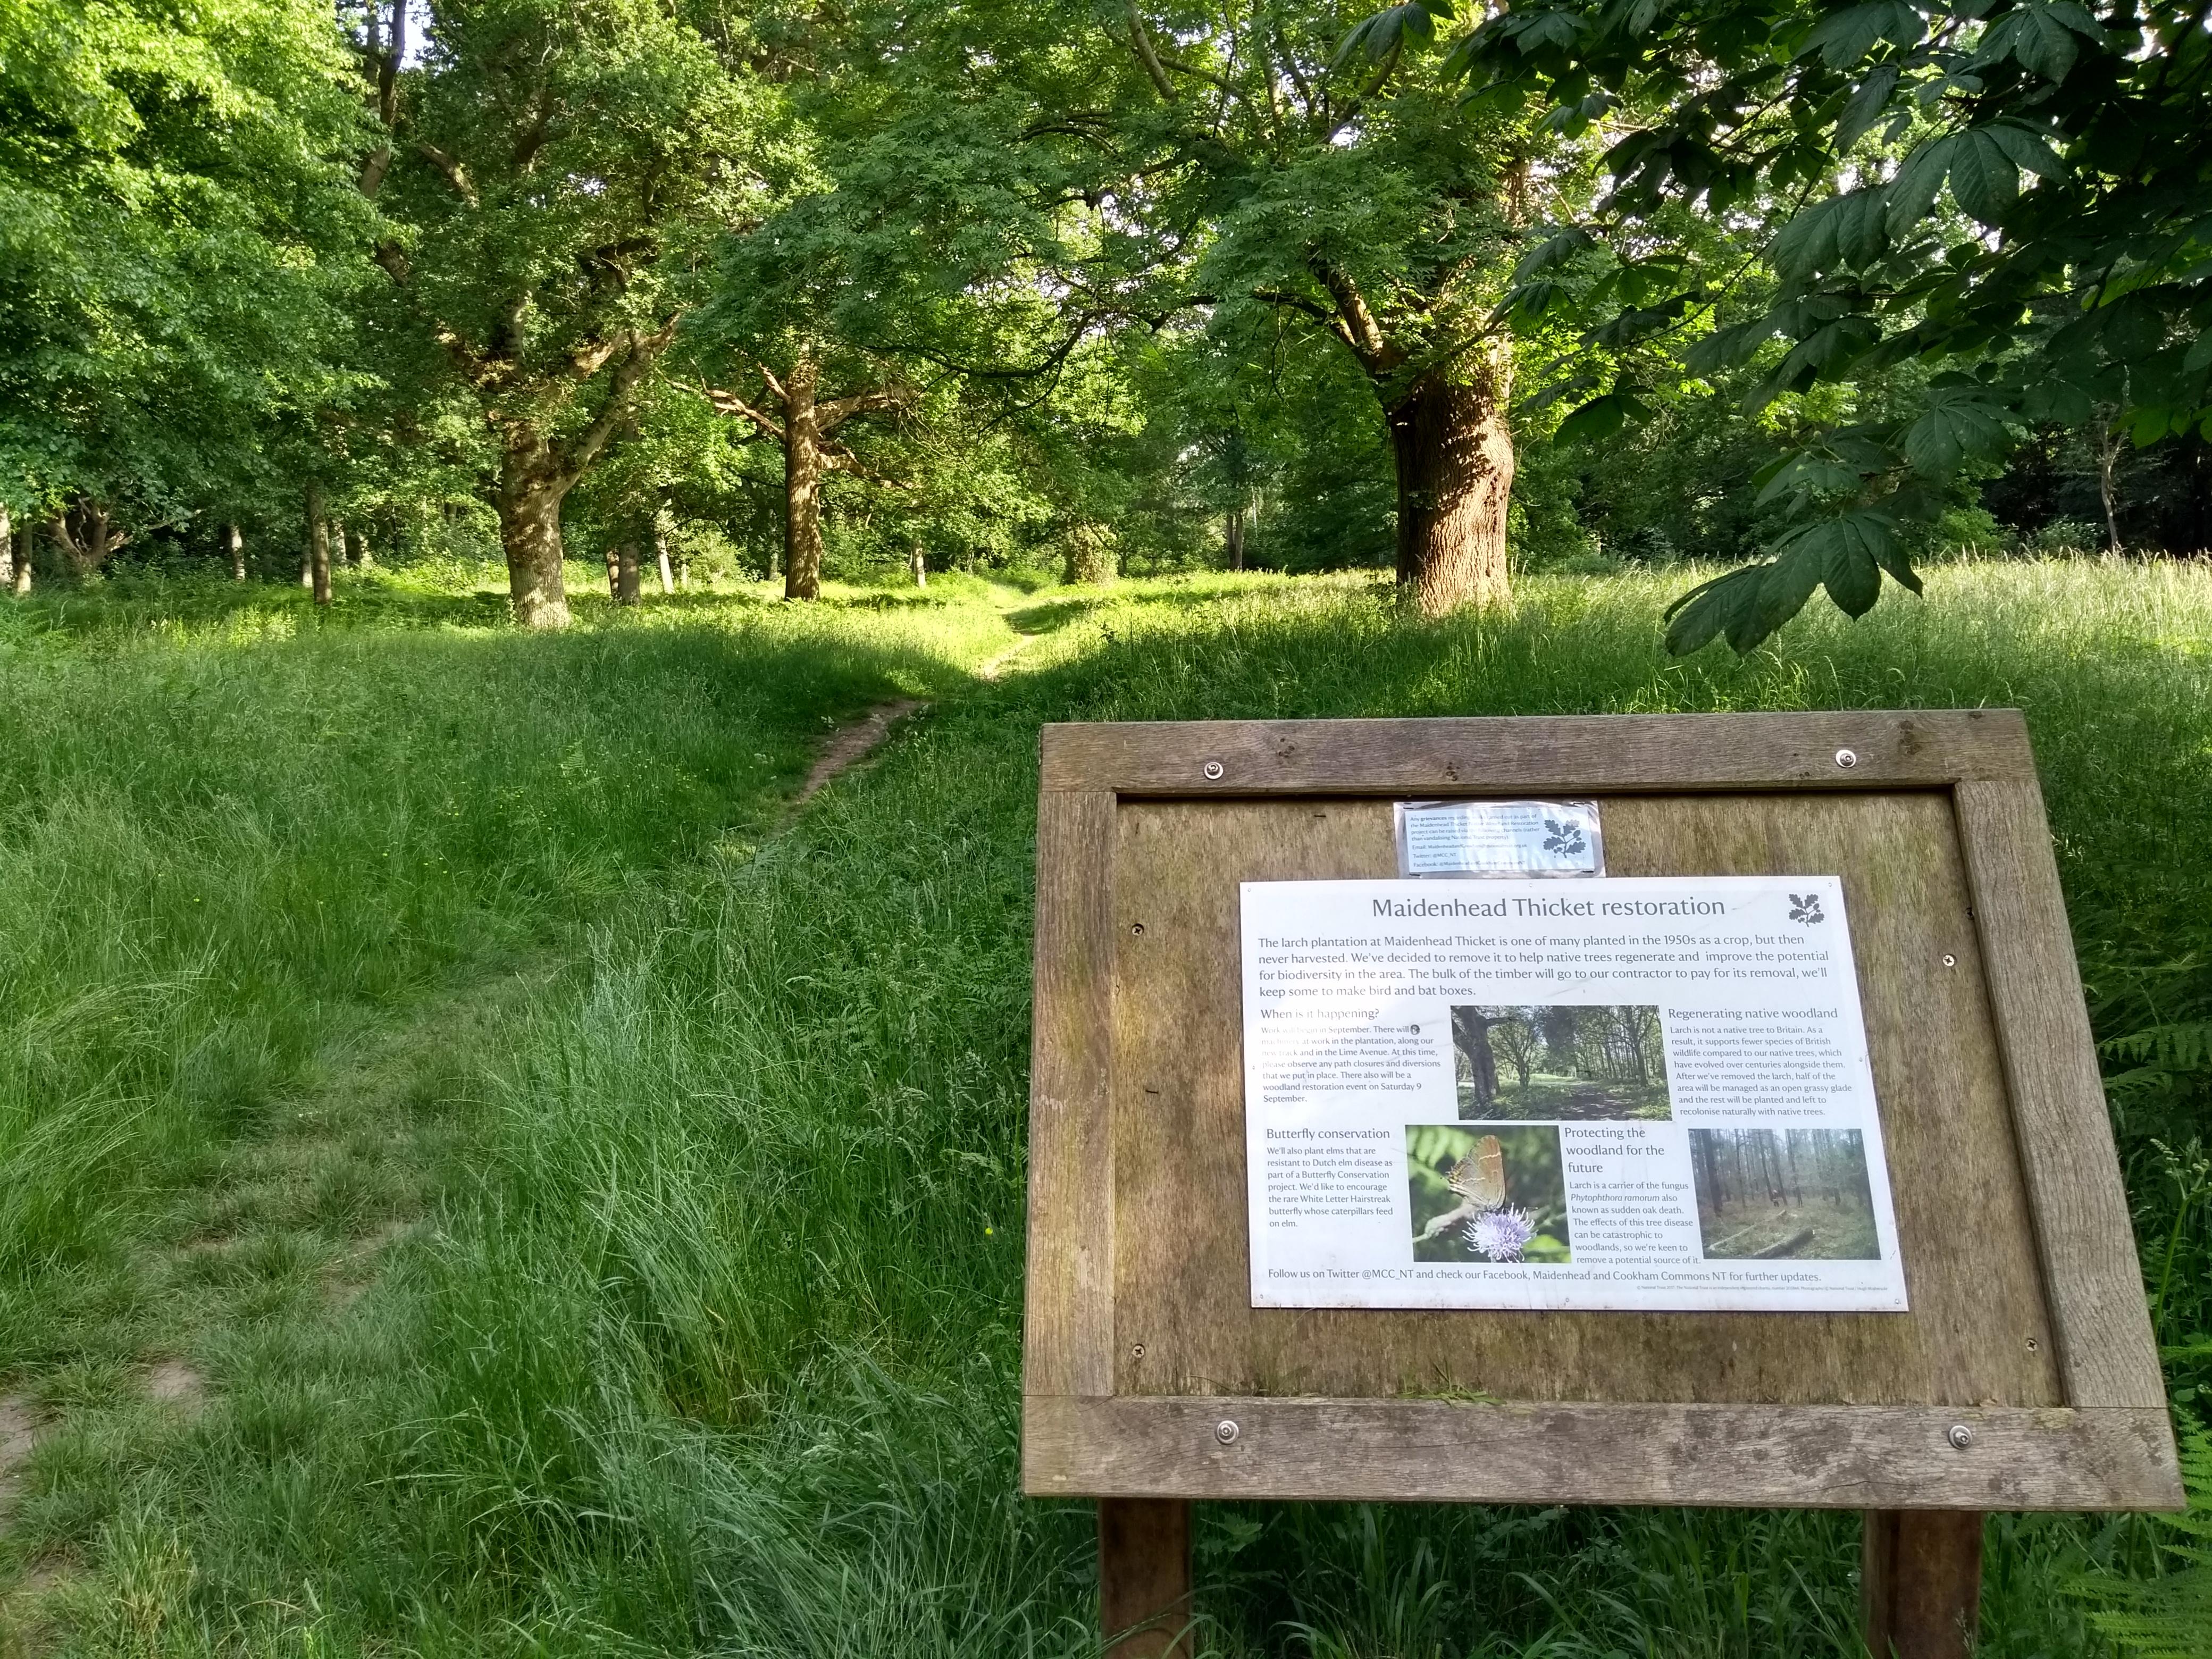 Maidenhead Thicket Restoration